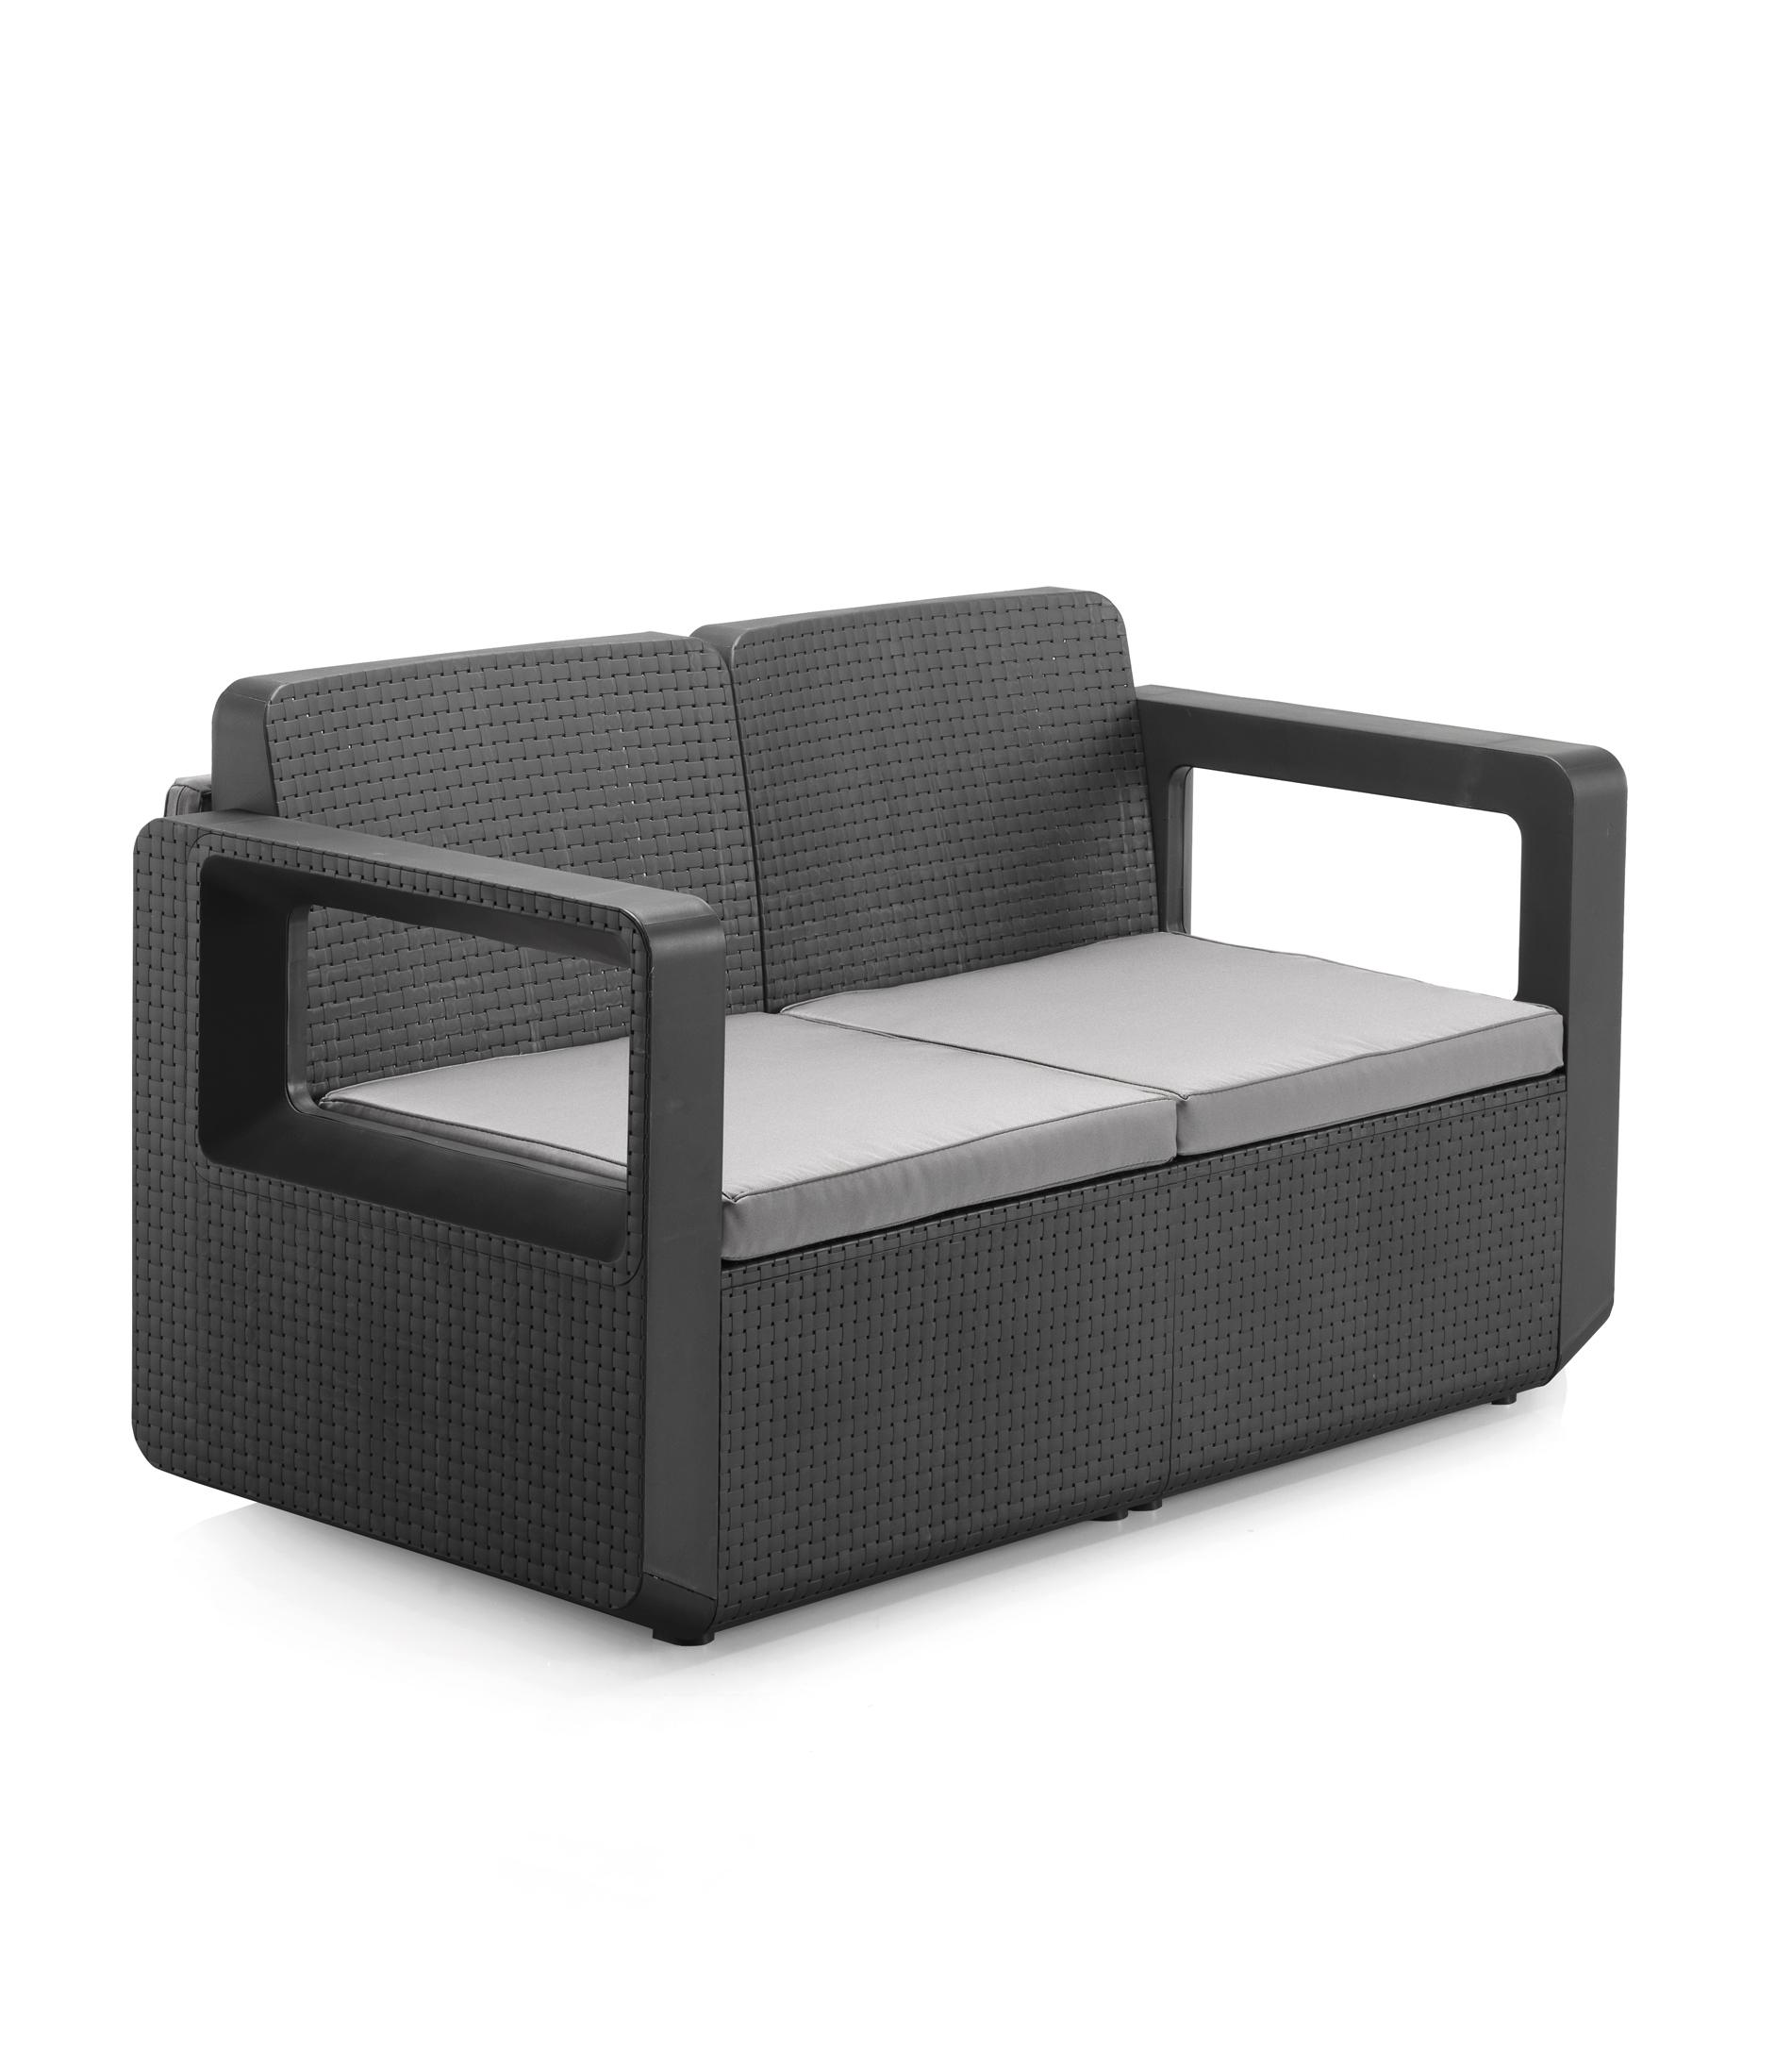 Häufig VENUS Gartenmöbel Designer Lounge Set Rattan-Optik anthrazit UG65